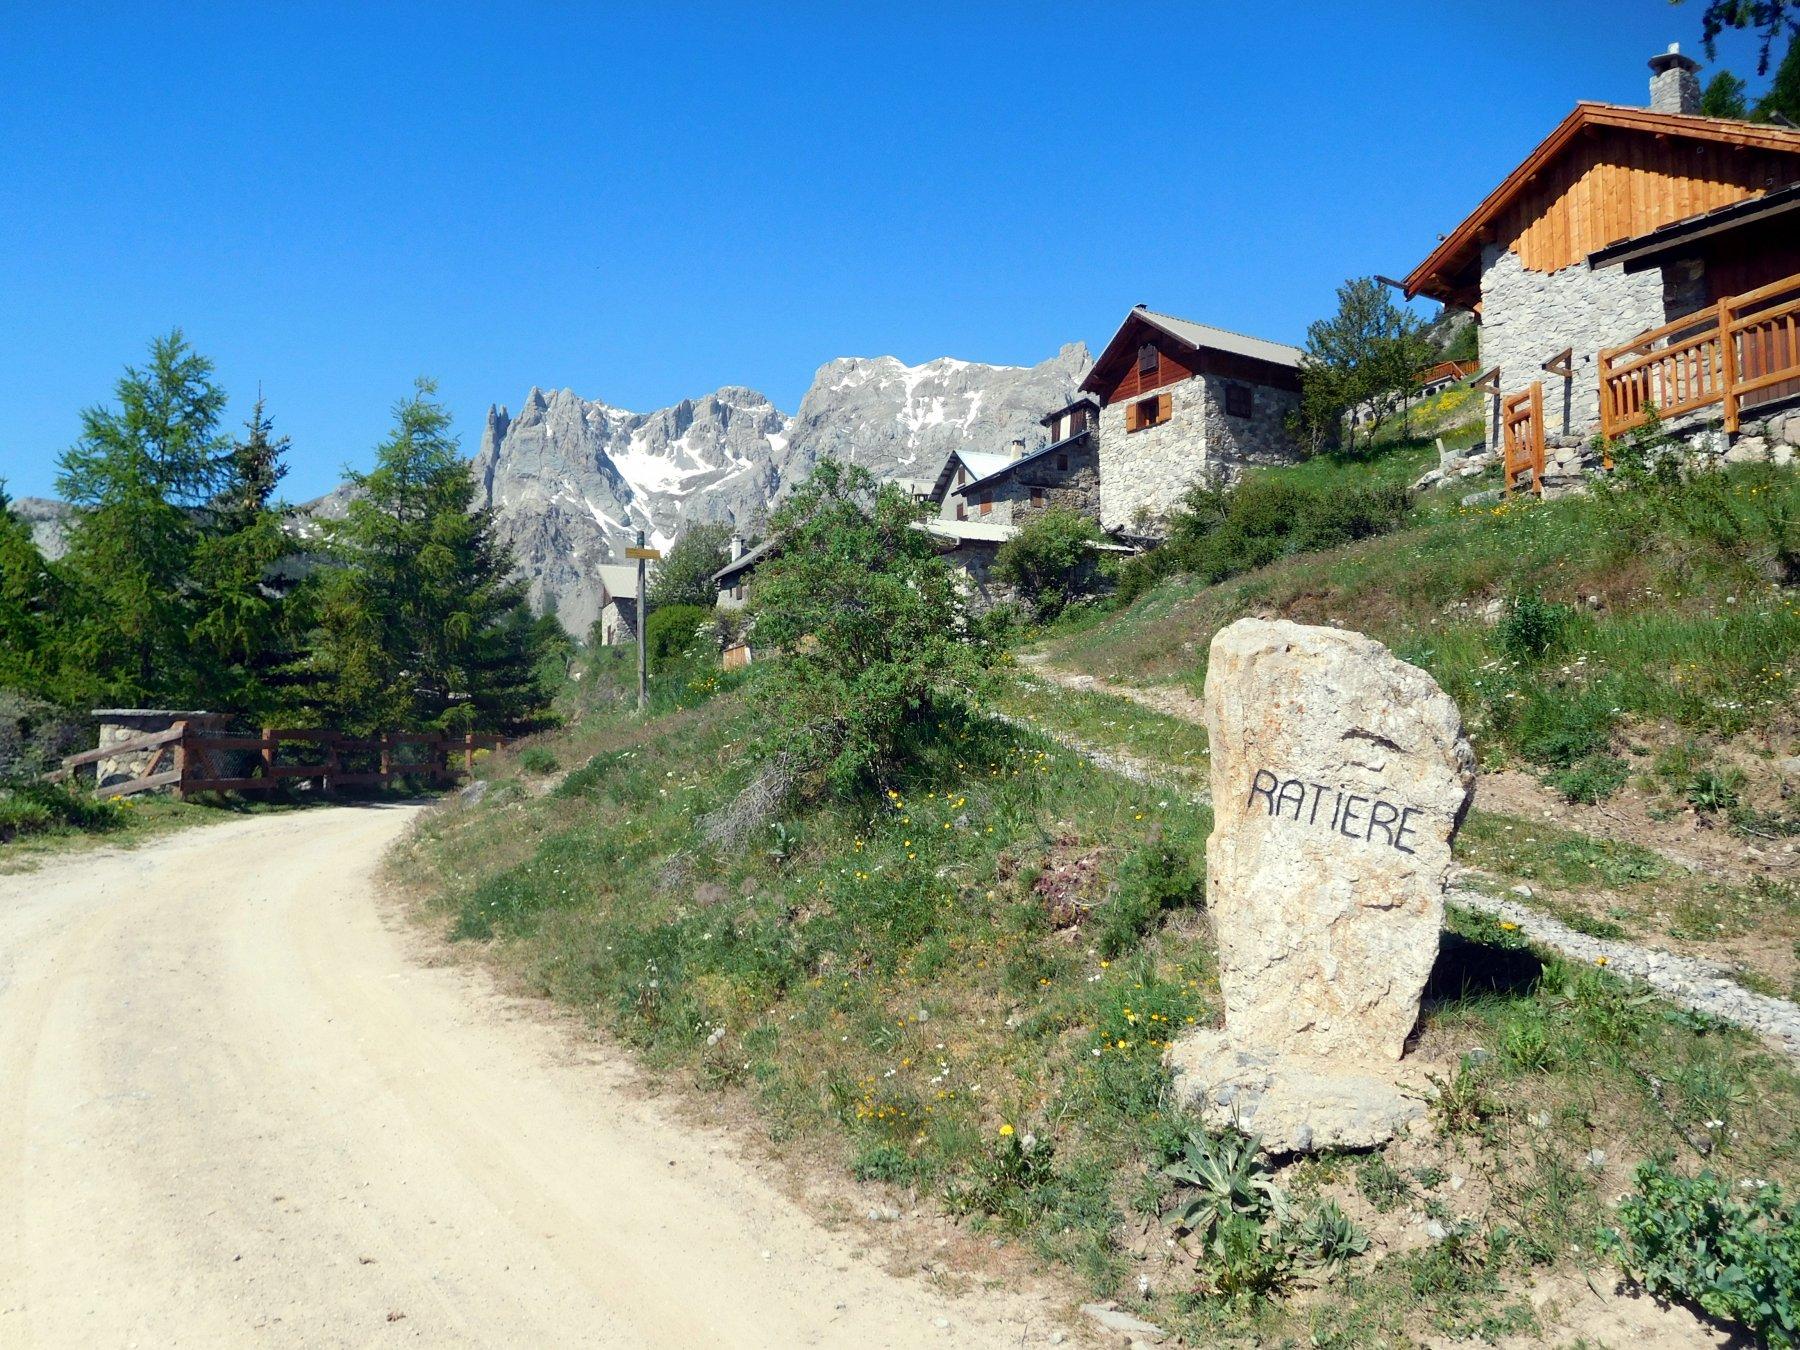 il delizioso abitato di Ratière